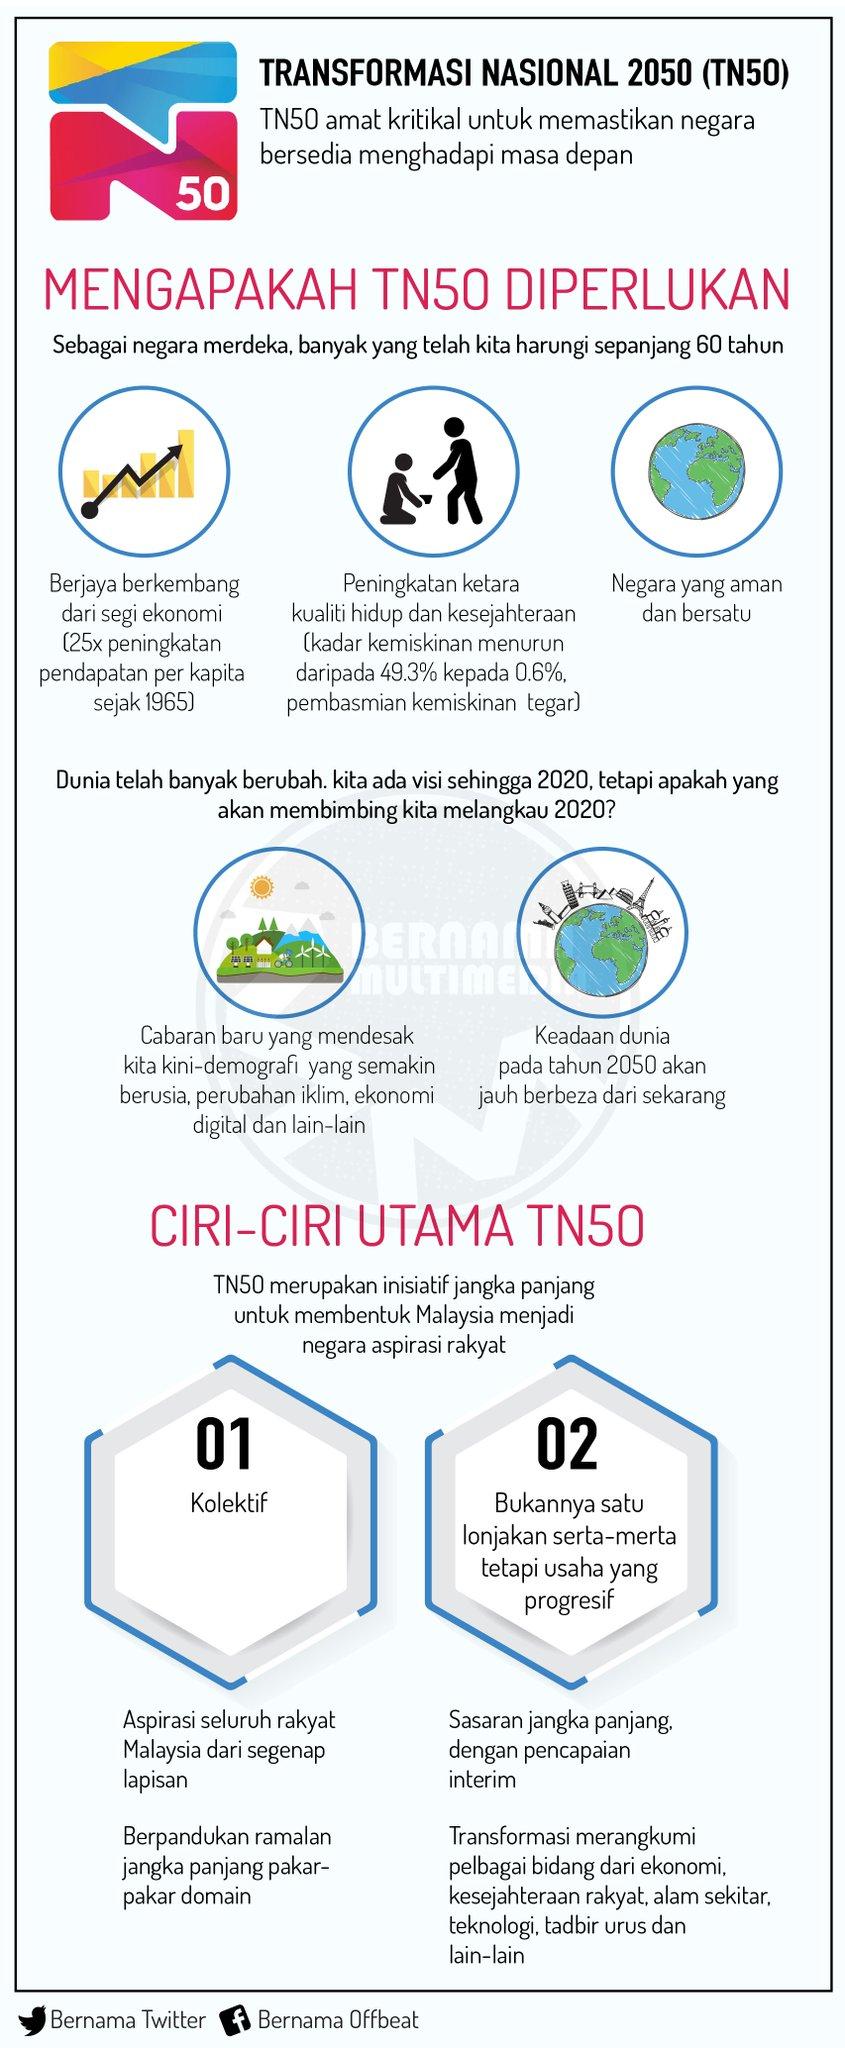 Ciri Ciri Utama Transformasi Nasional 2050